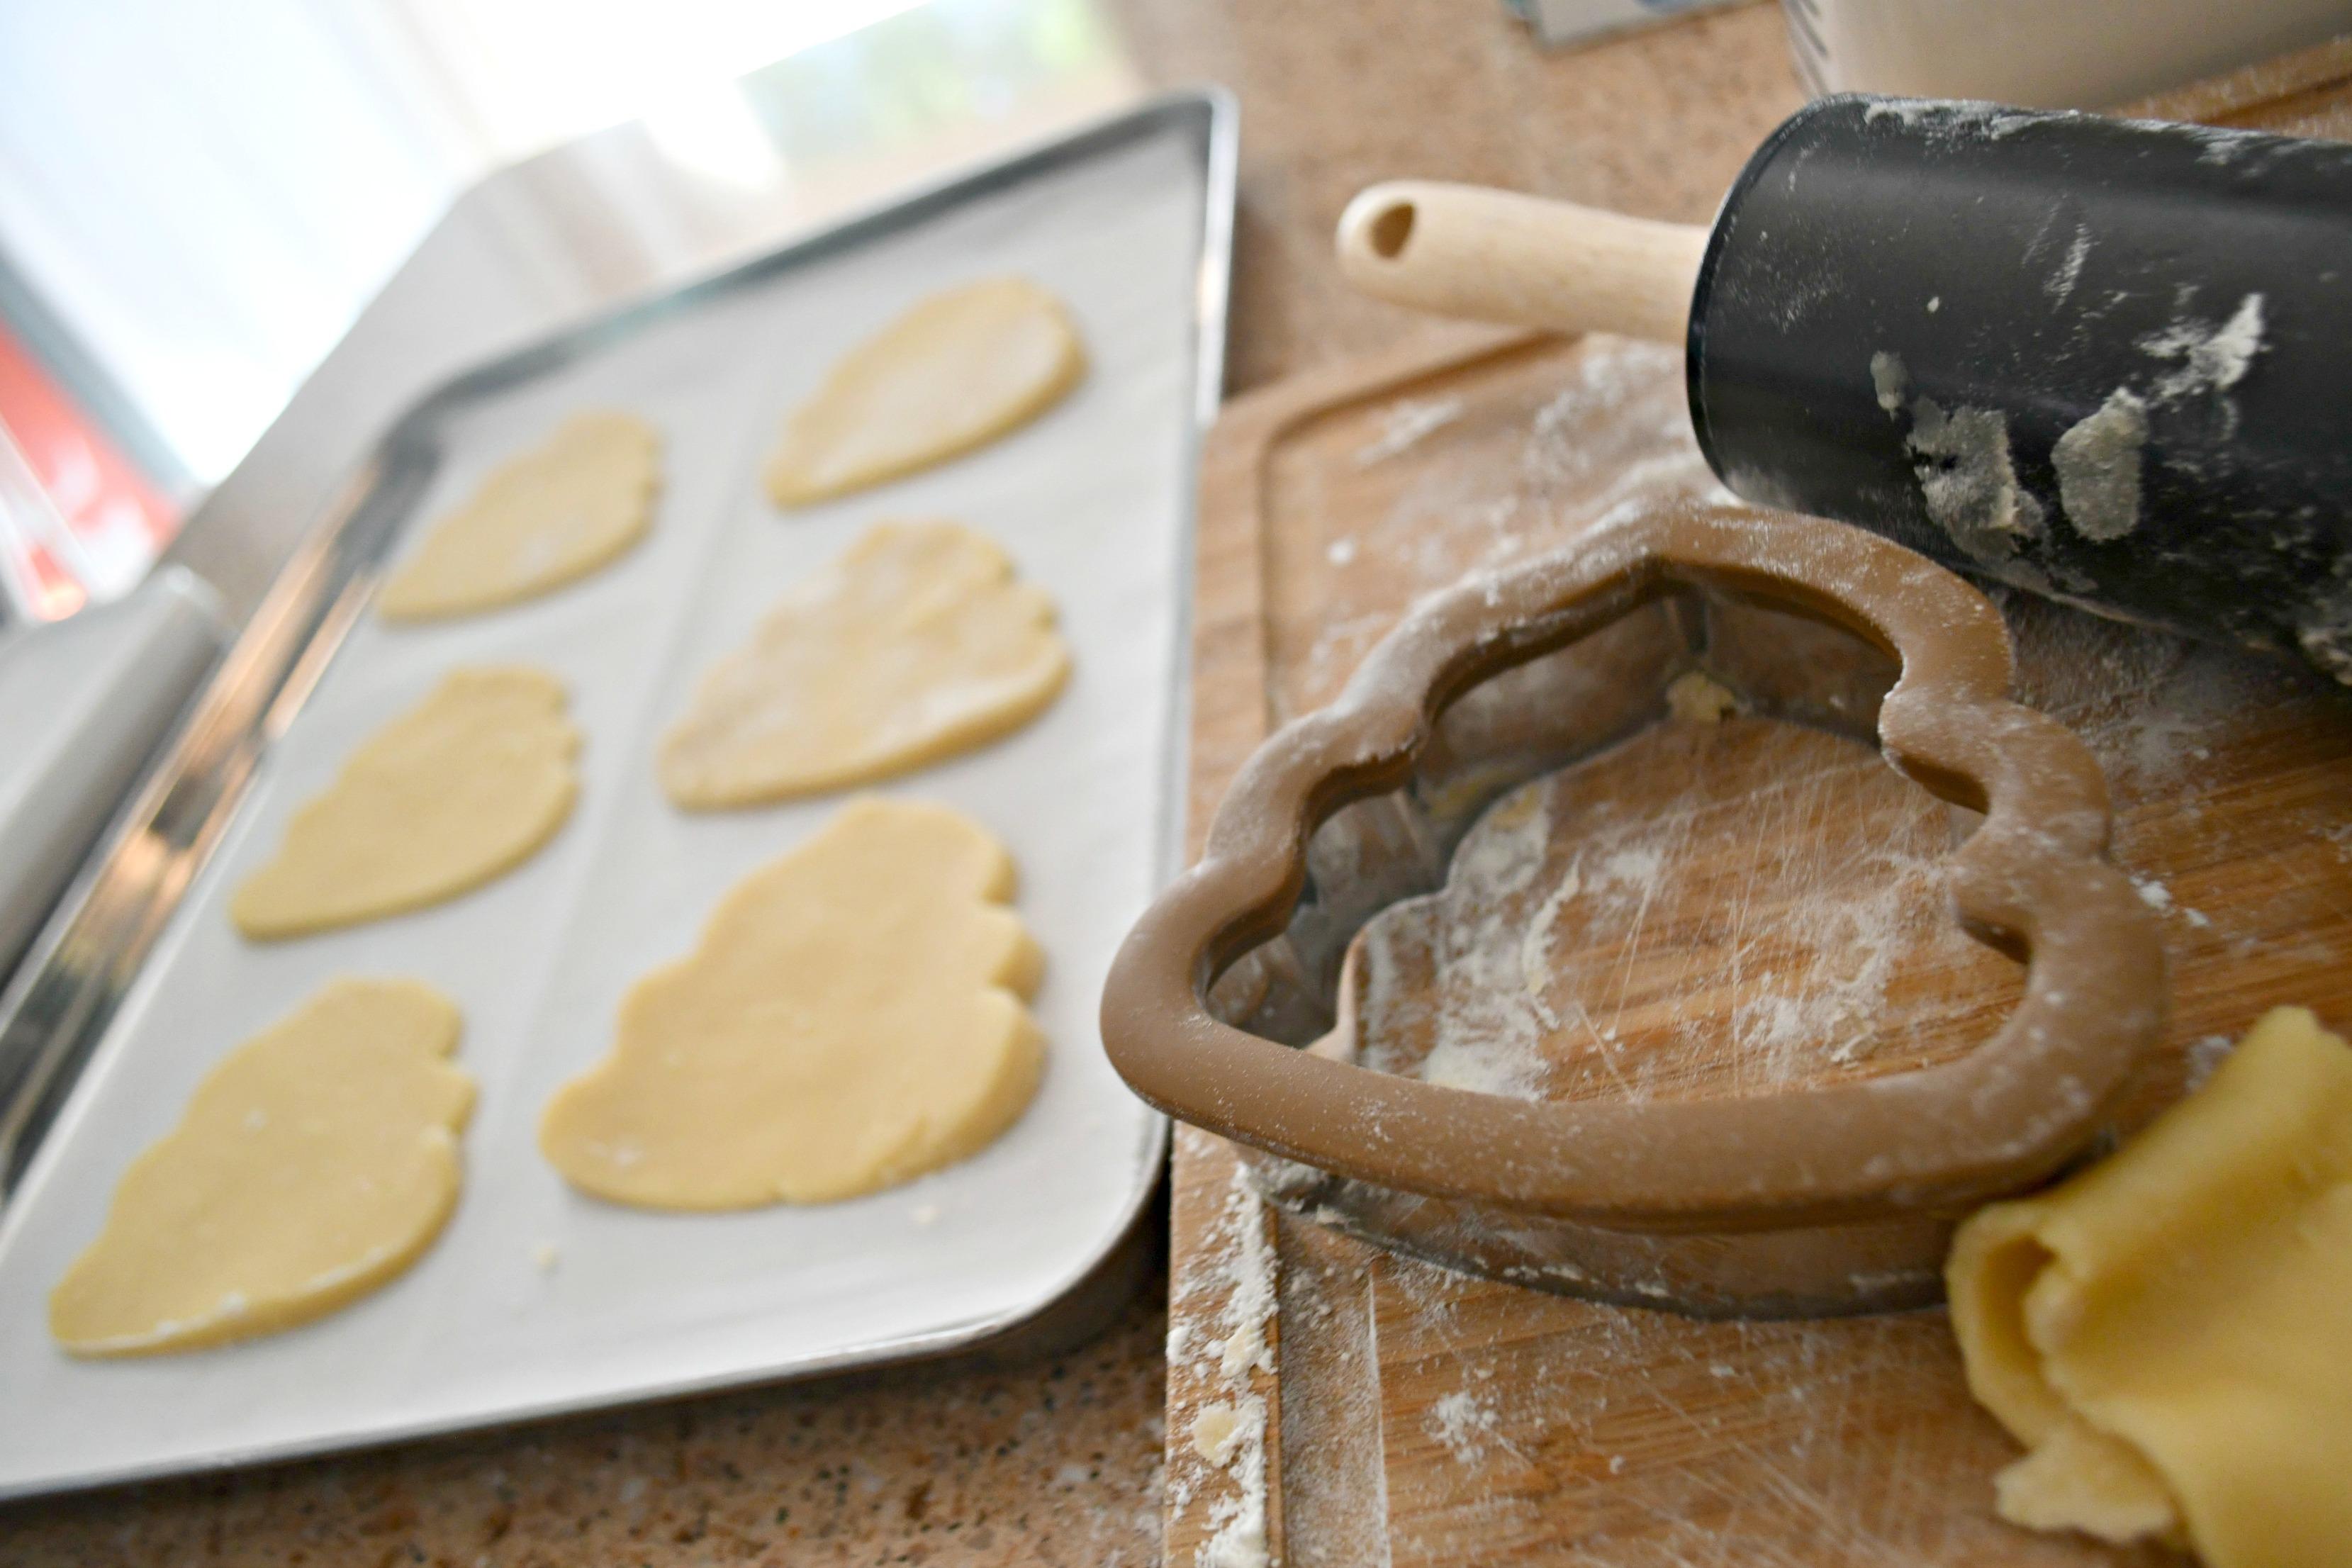 DIY Poop Emoji Santa Christmas Cookies – on a baking sheet